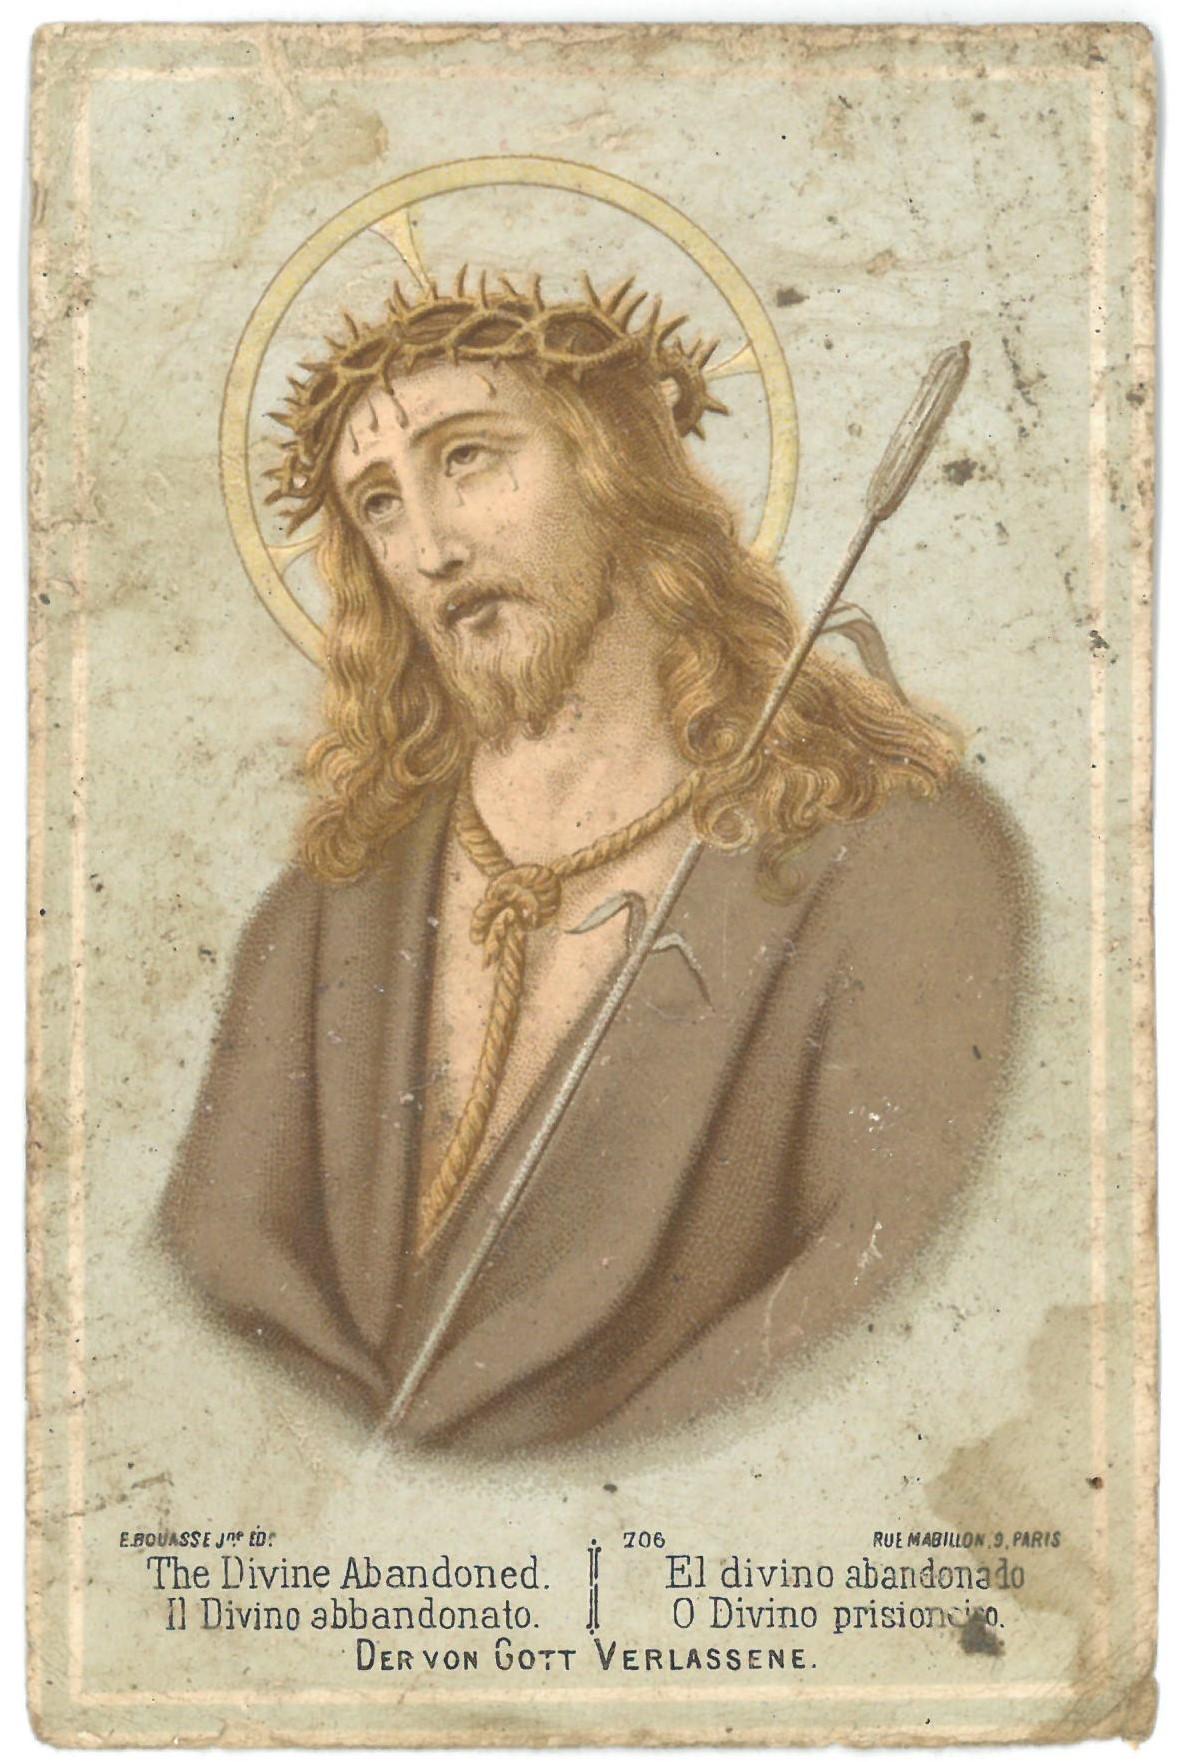 Religinis paveikslėlis. Jėzus Kristus su erškėčių vainiku ant galvos